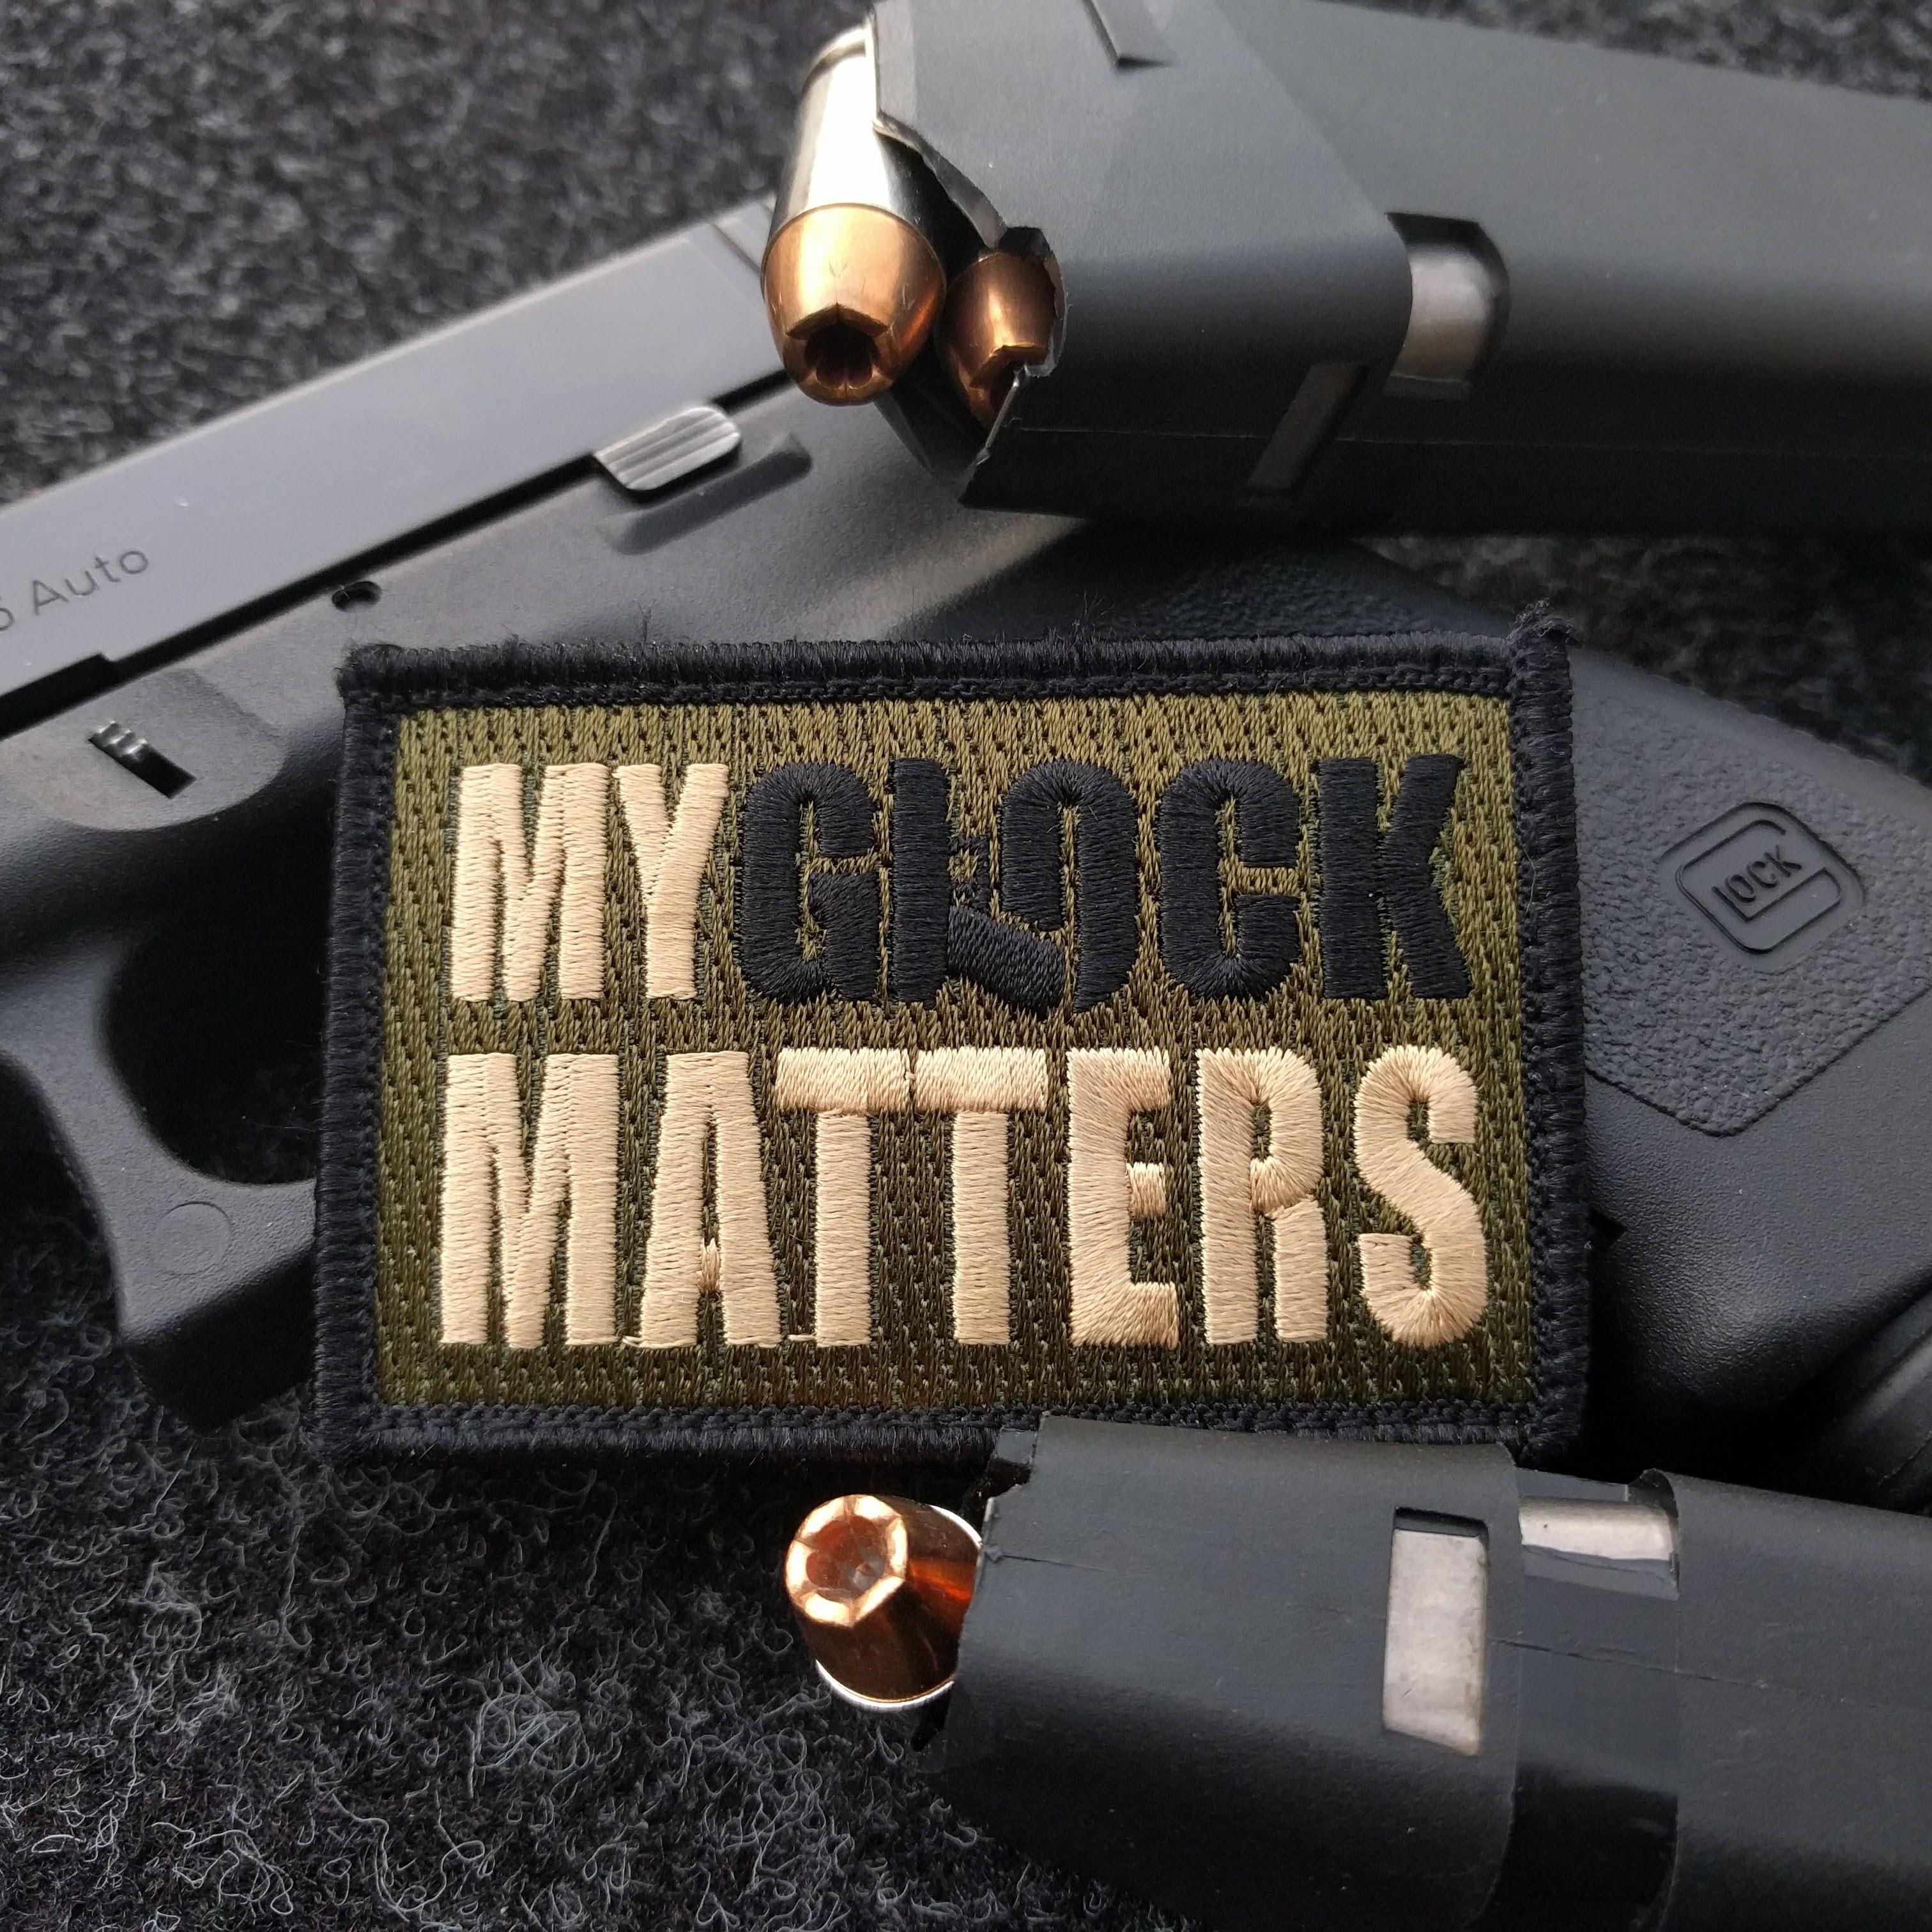 My Glock Matters